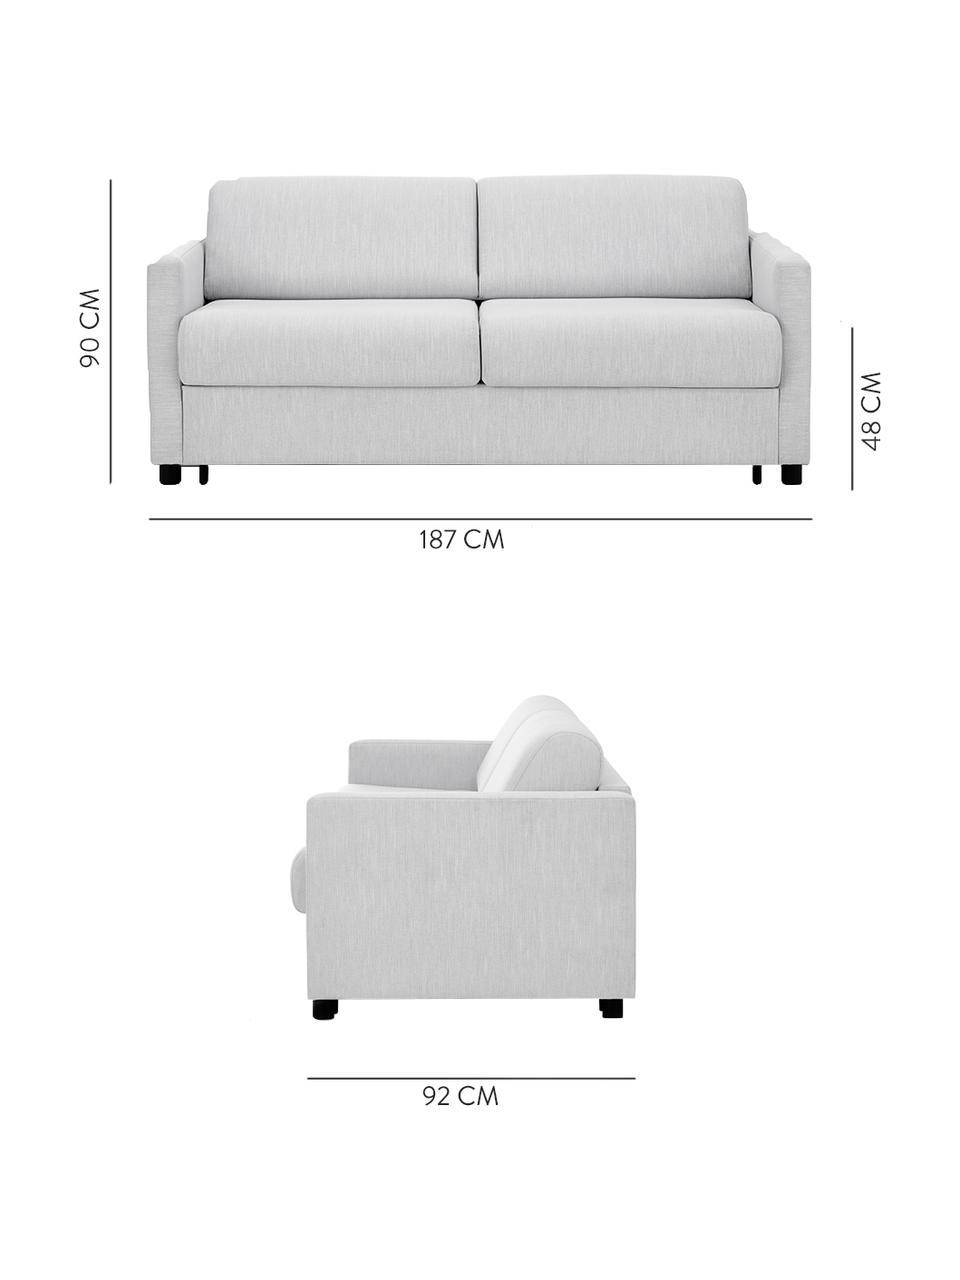 Schlafsofa Morgan (2-Sitzer) in Hellgrau, mit Matratze, Bezug: 100% Polyester Der hochwe, Füße: Massives Kiefernholz, lac, Grau, B 187 x T 92 cm